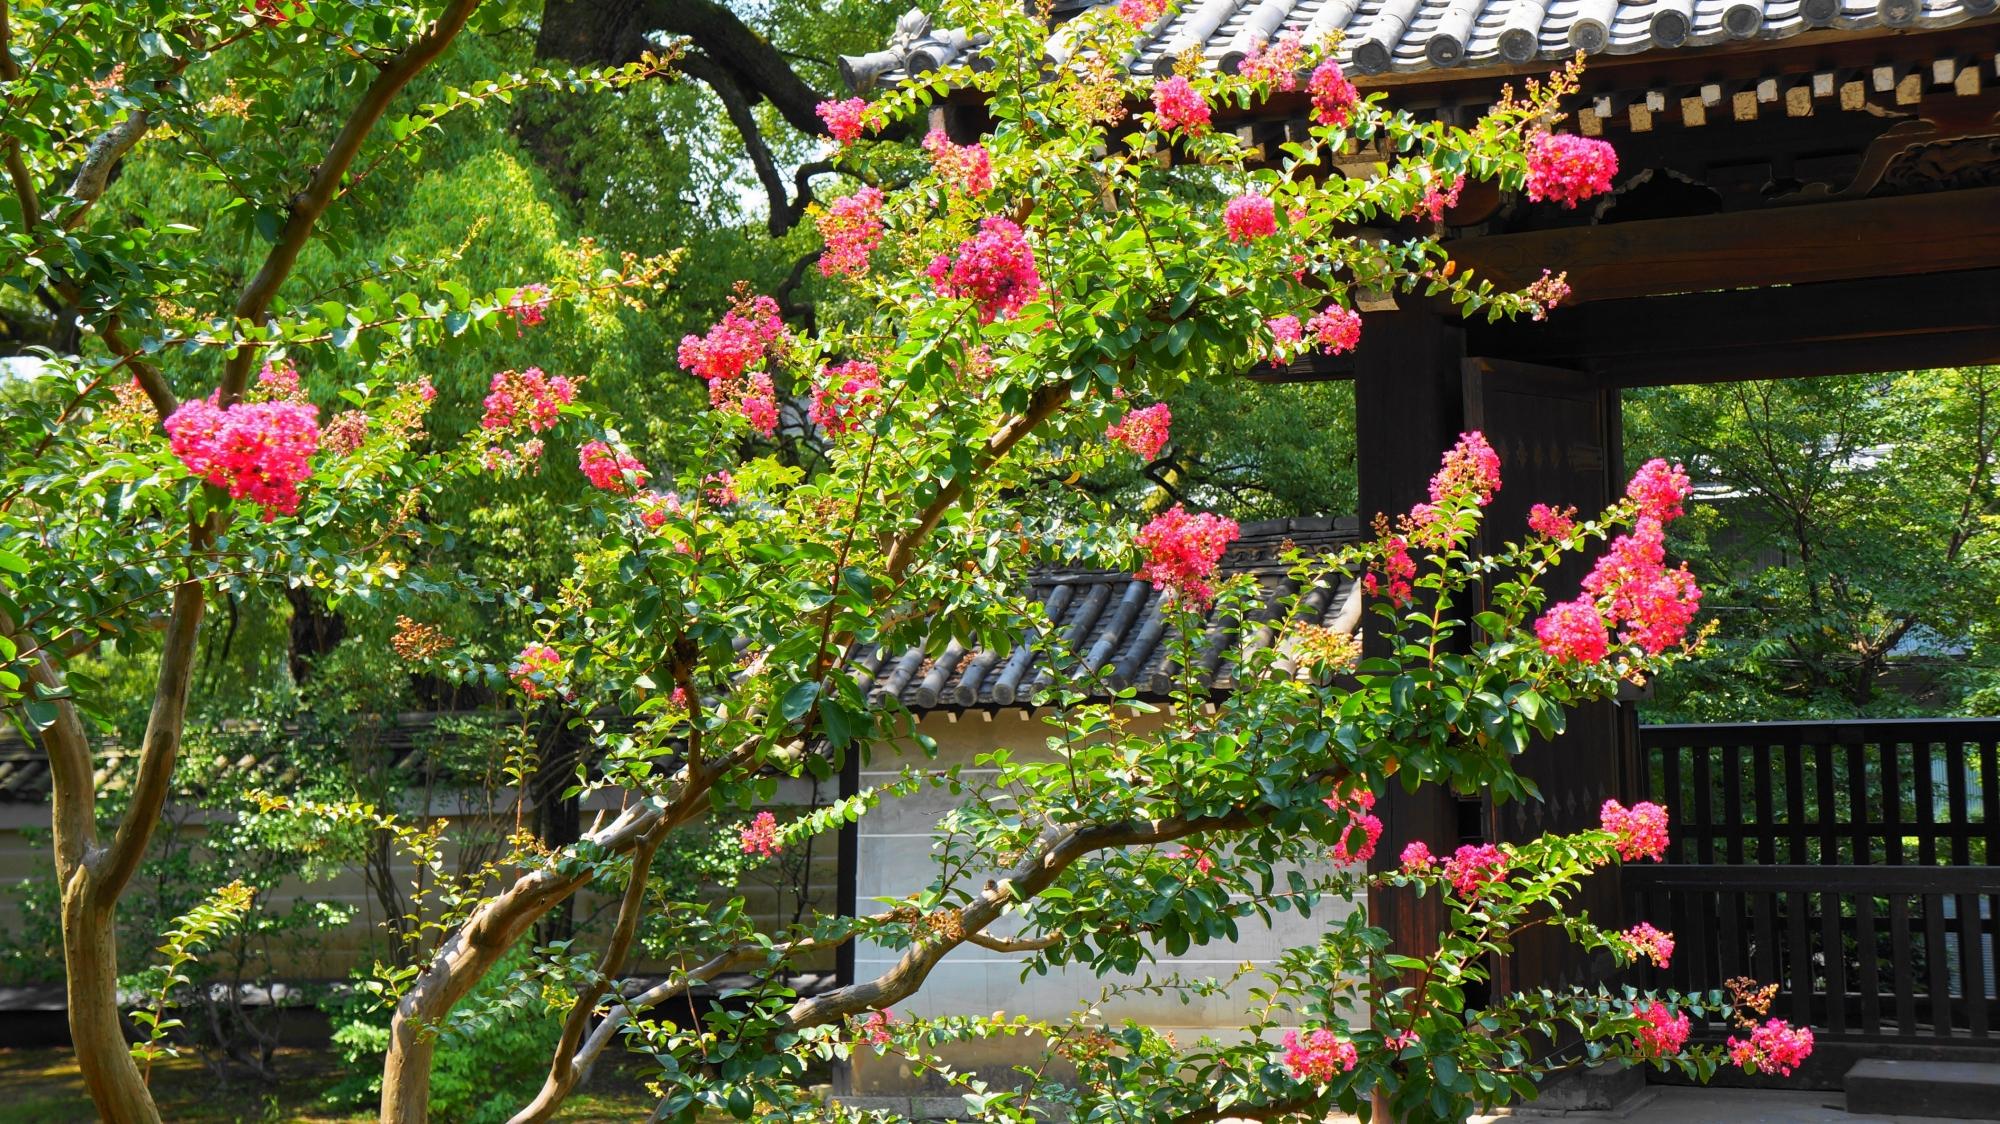 青蓮院の太陽を浴びて輝くサルスベリのピンクの花